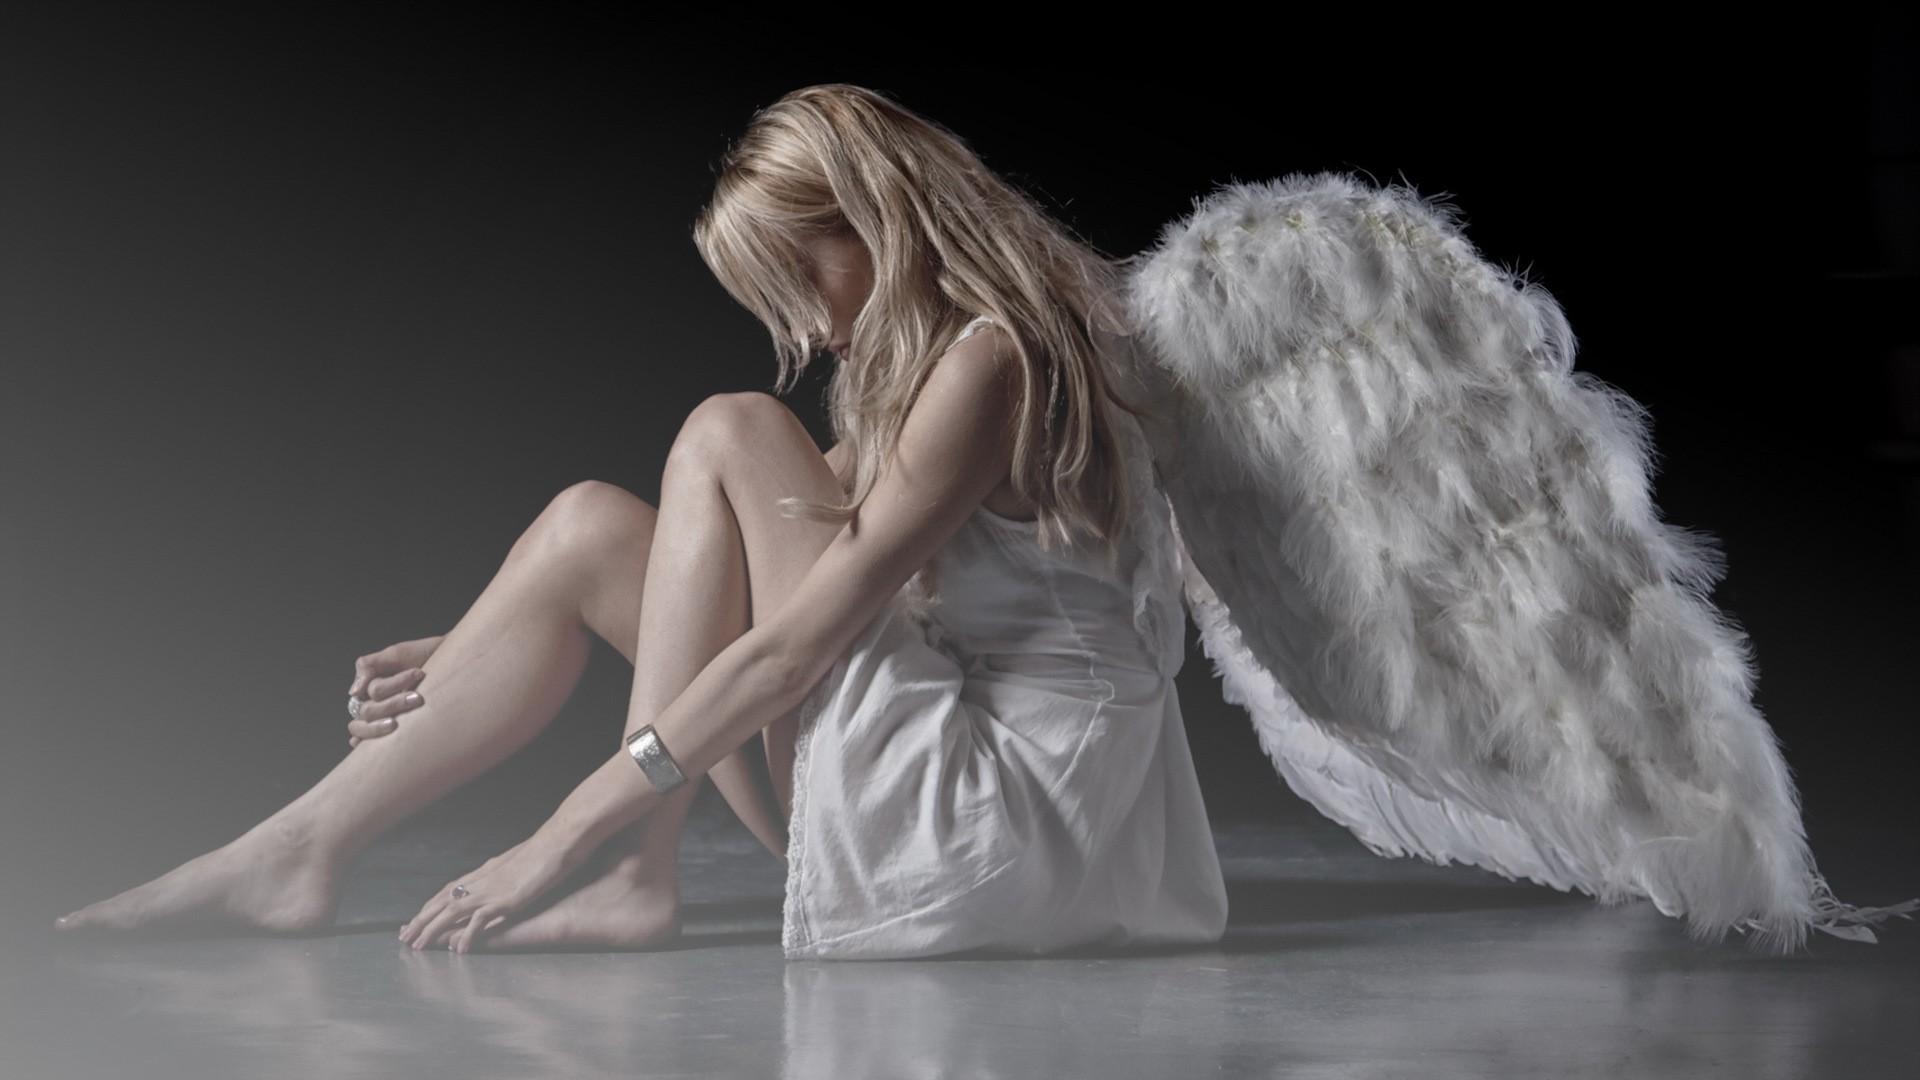 друзья ангел прикрылся крестом фото на рабочий стол маникюр удачно